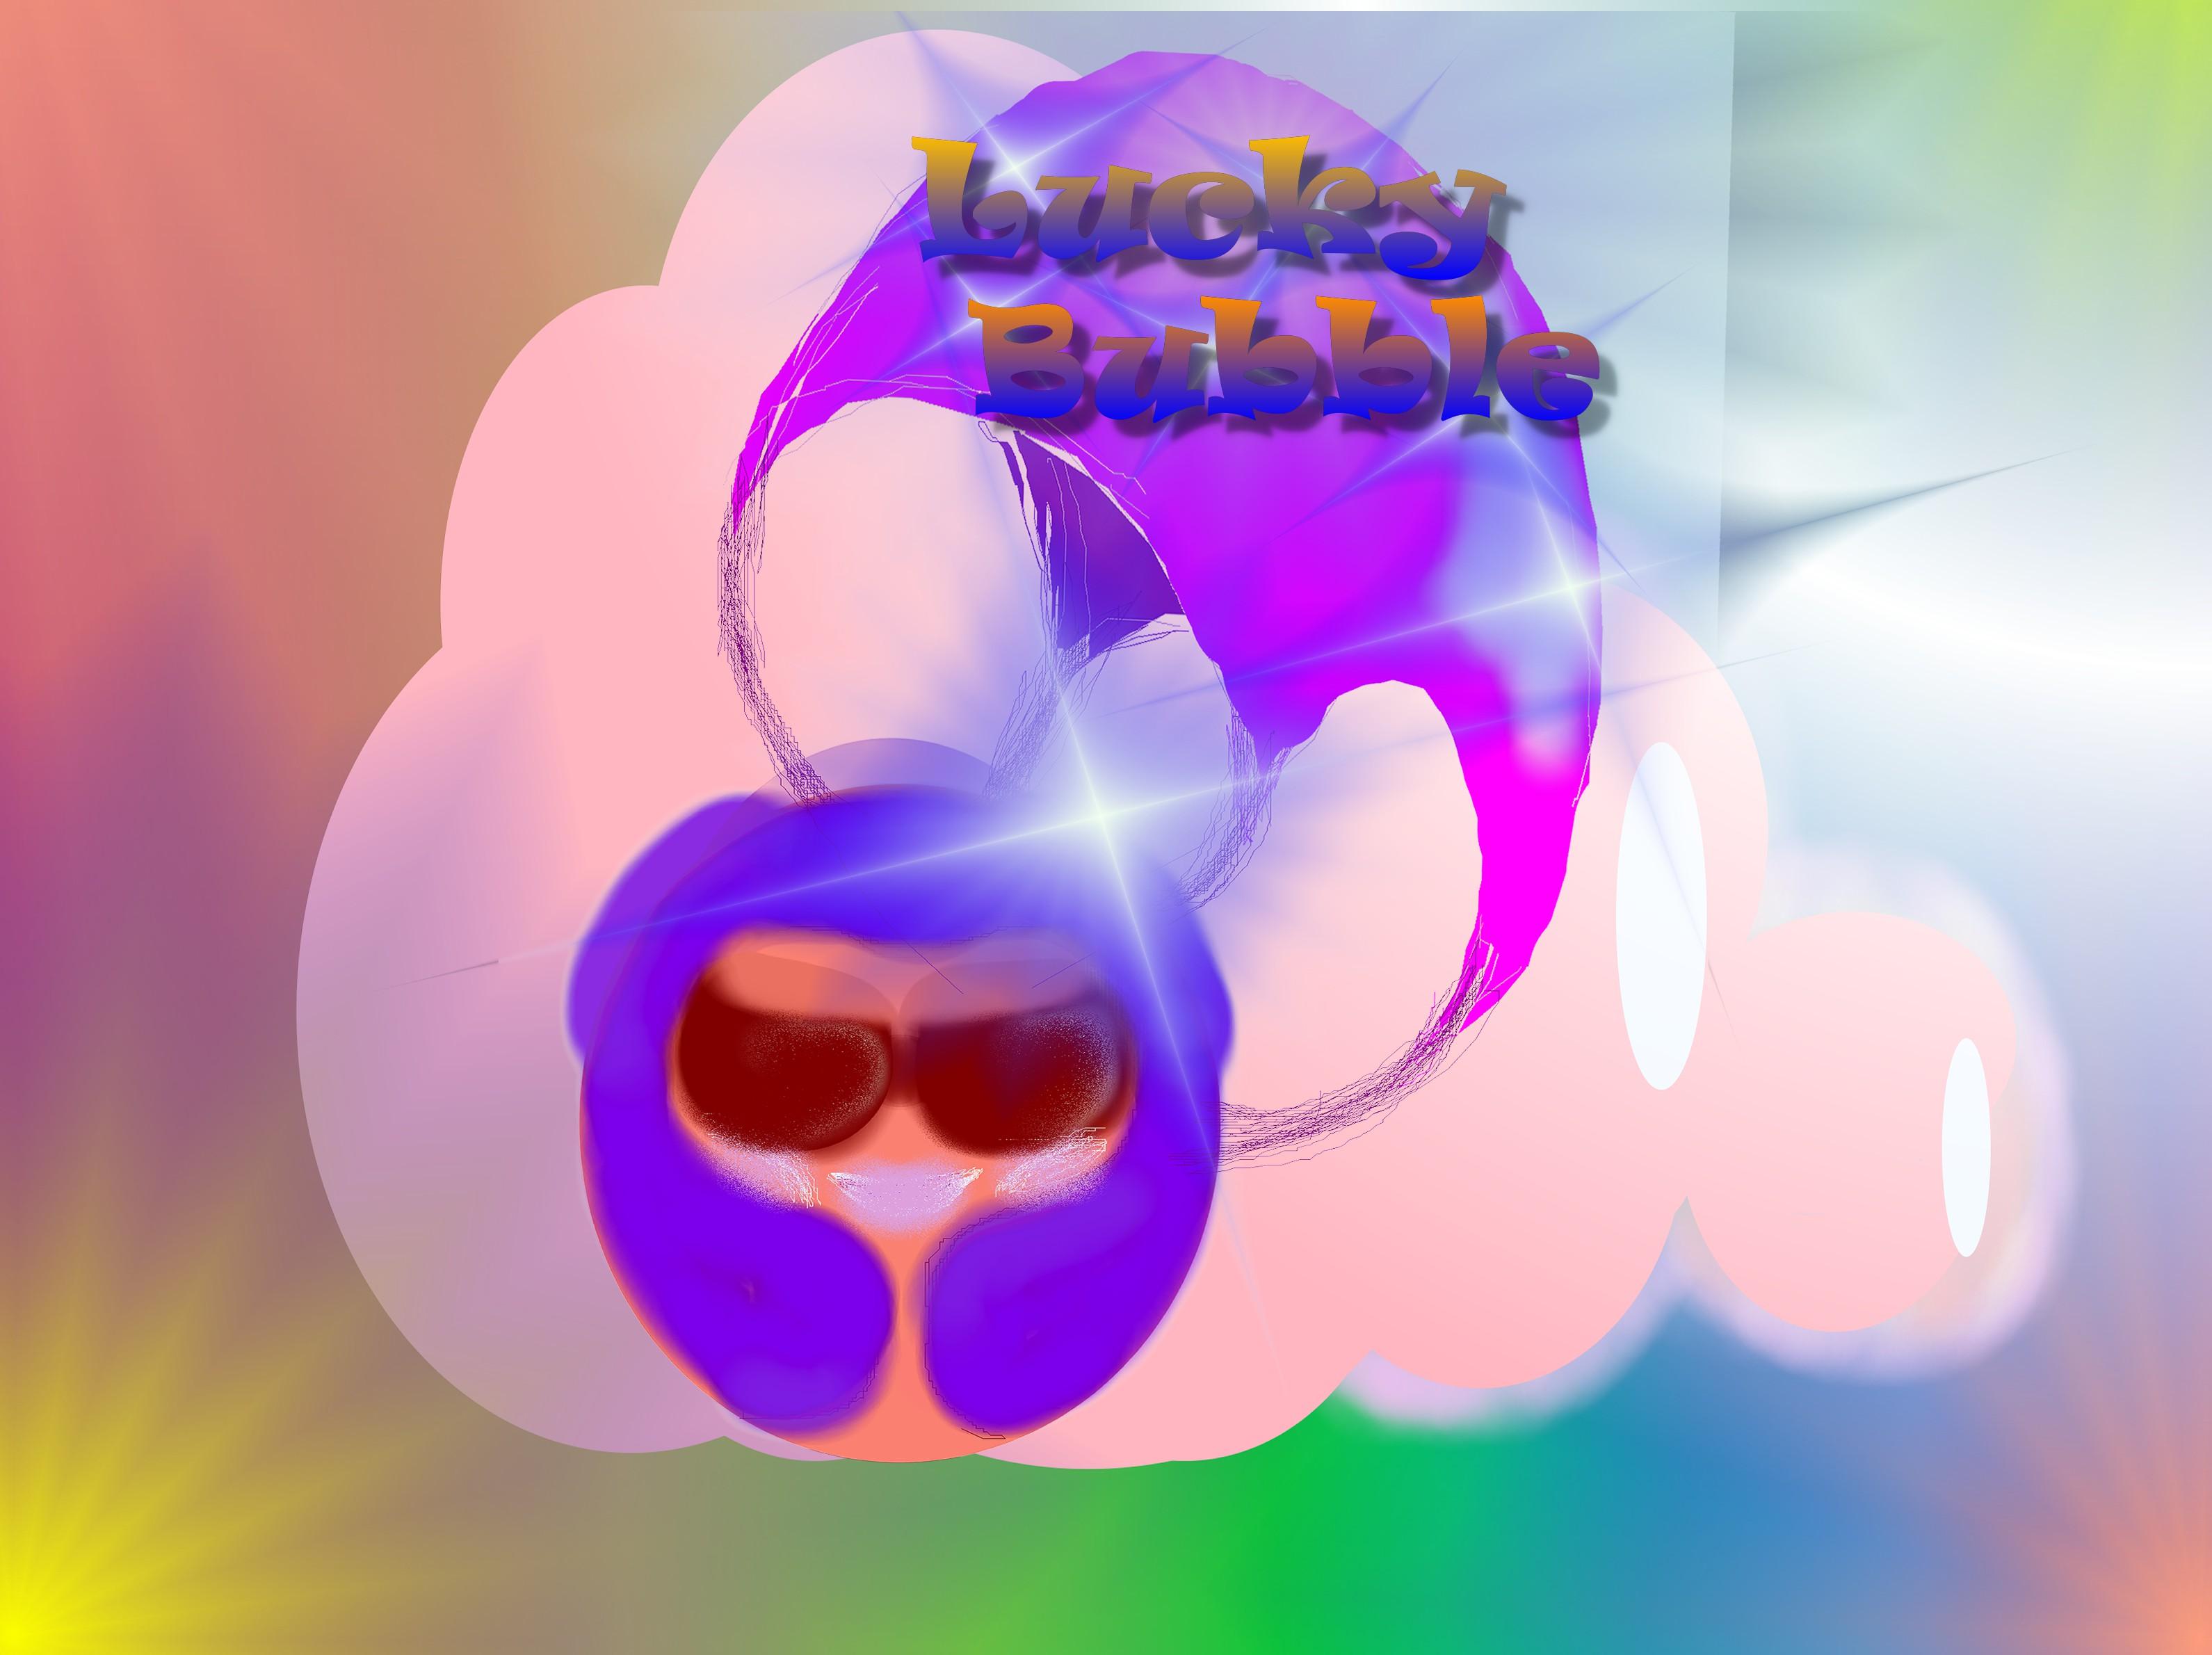 Разработка логотипа  фото f_4885fb6a19631706.jpg